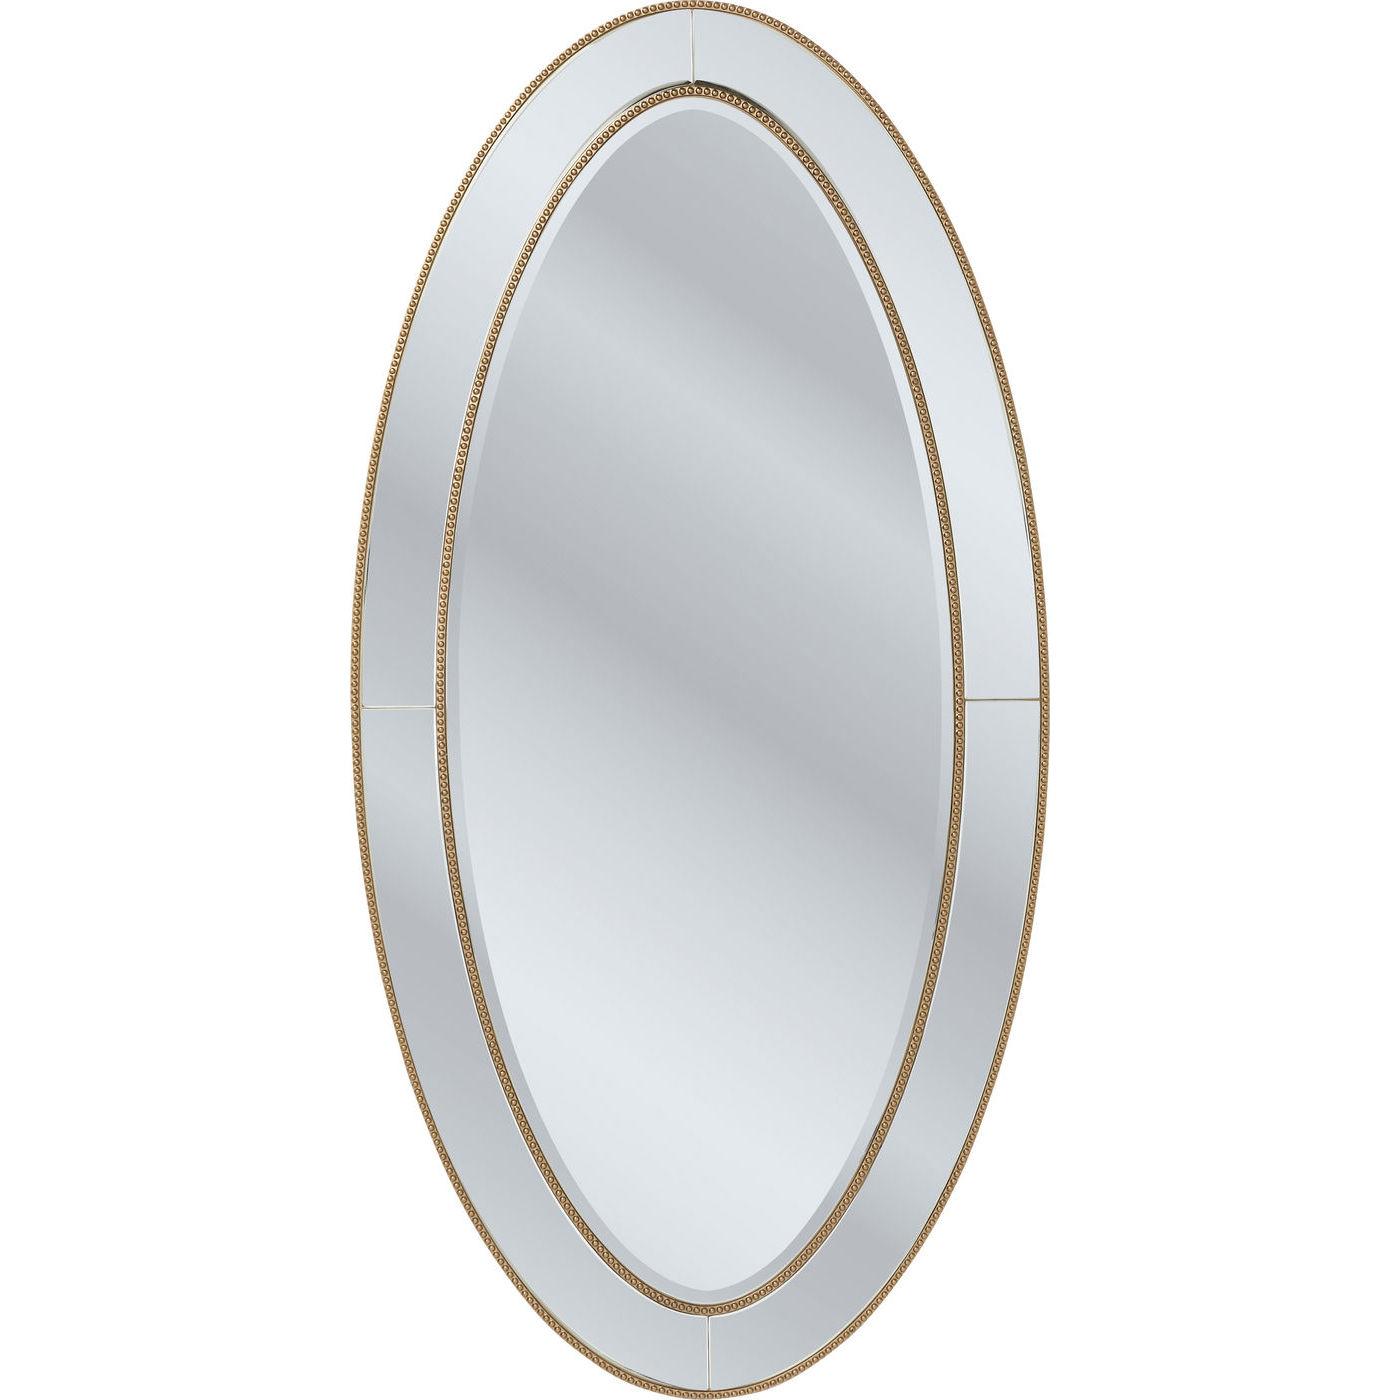 kare design Kare design spejl, elite oval 180x90cm fra boboonline.dk